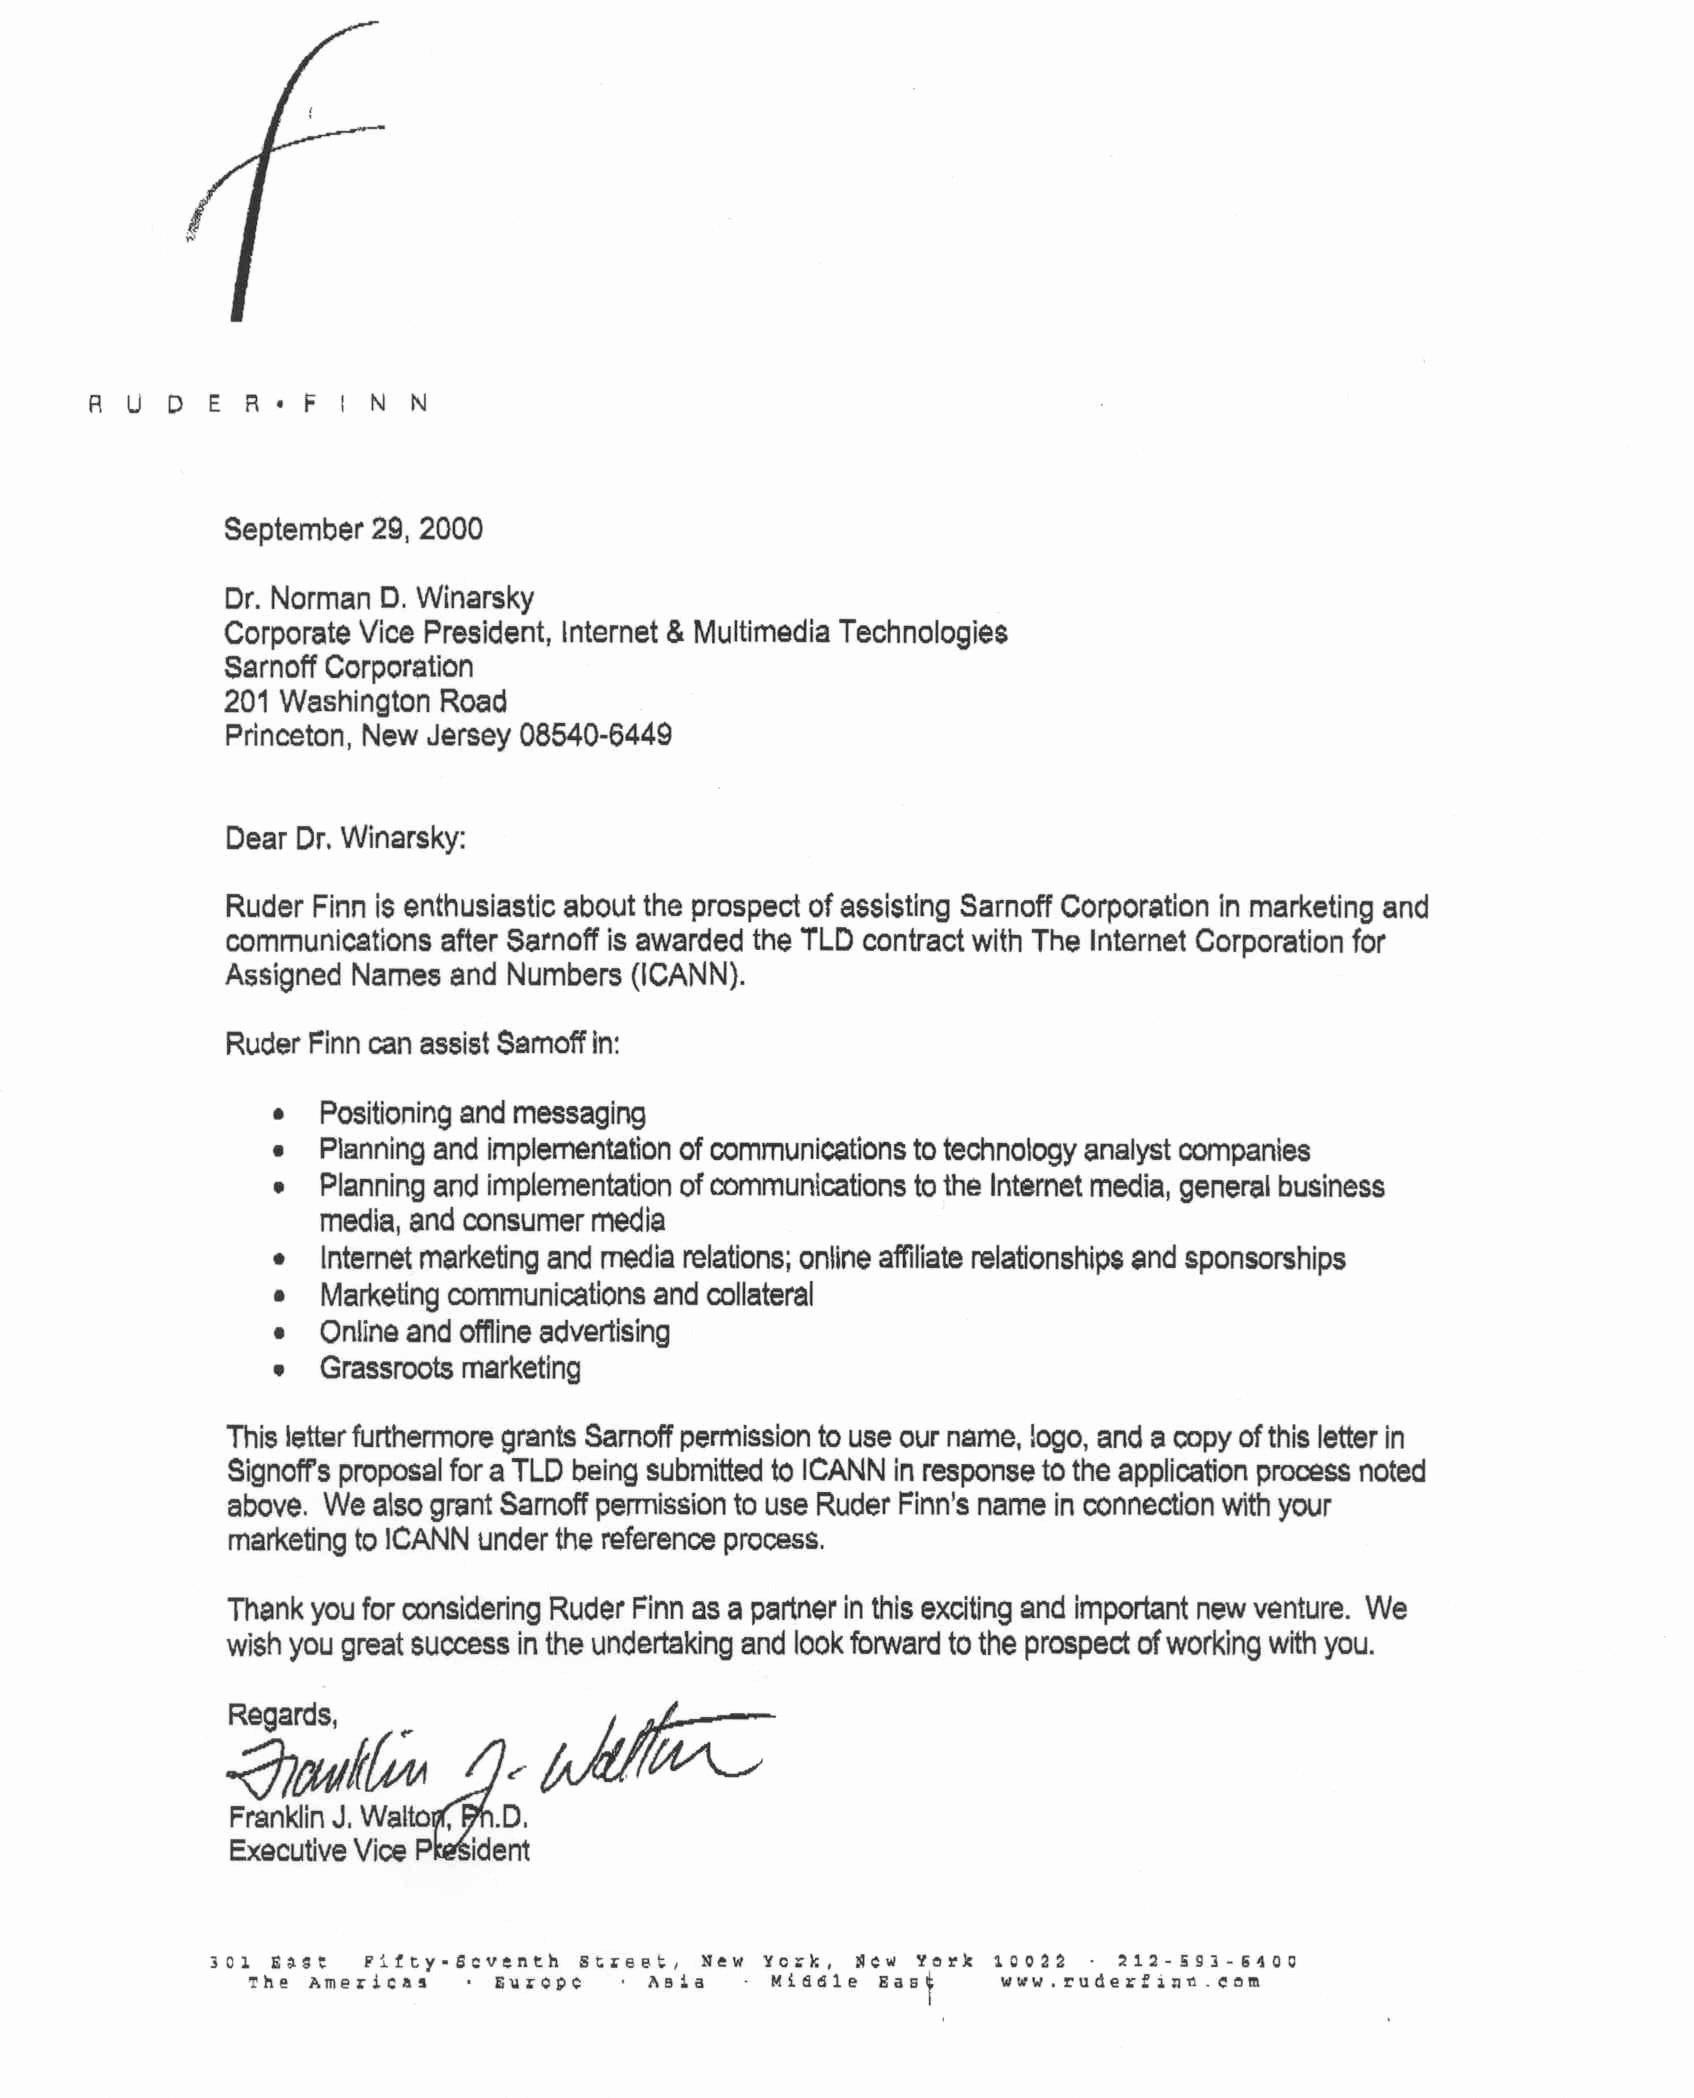 Partnership Letter Sample Unique D13